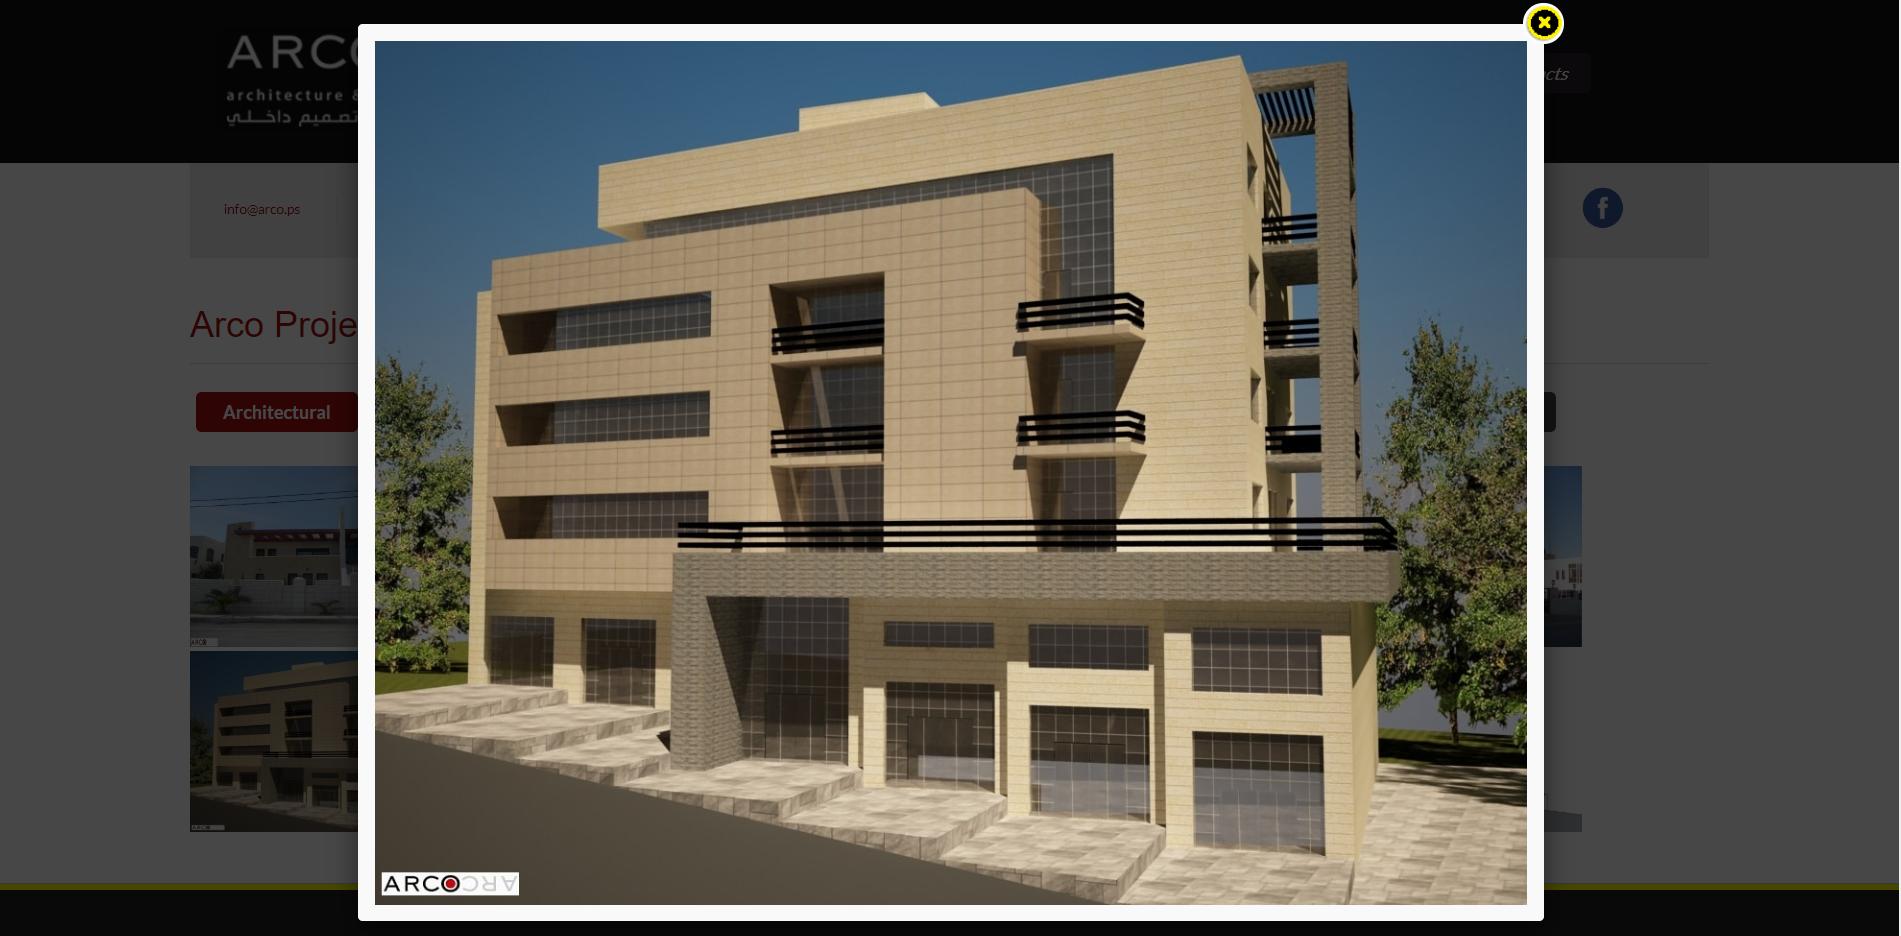 ARCO Architecture and Interior Desiogn